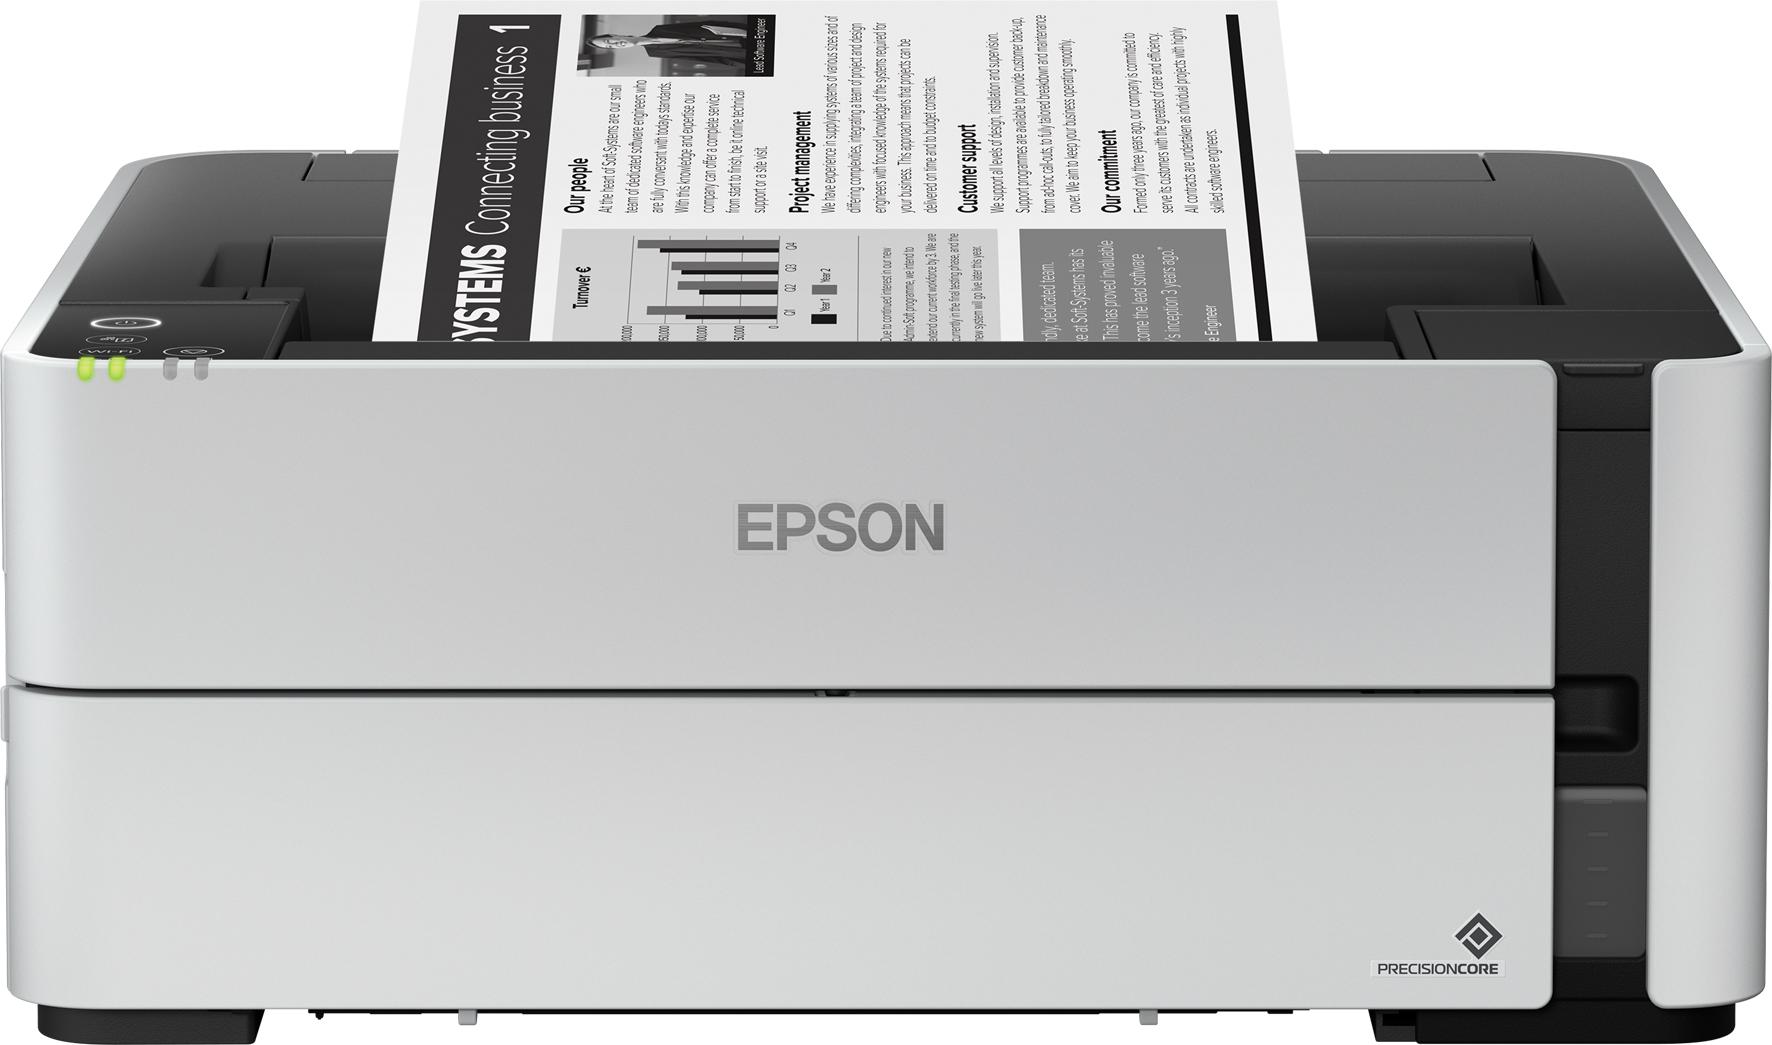 Epson EcoTank: arrivano due nuovi modelli monocromatici per l'ufficio